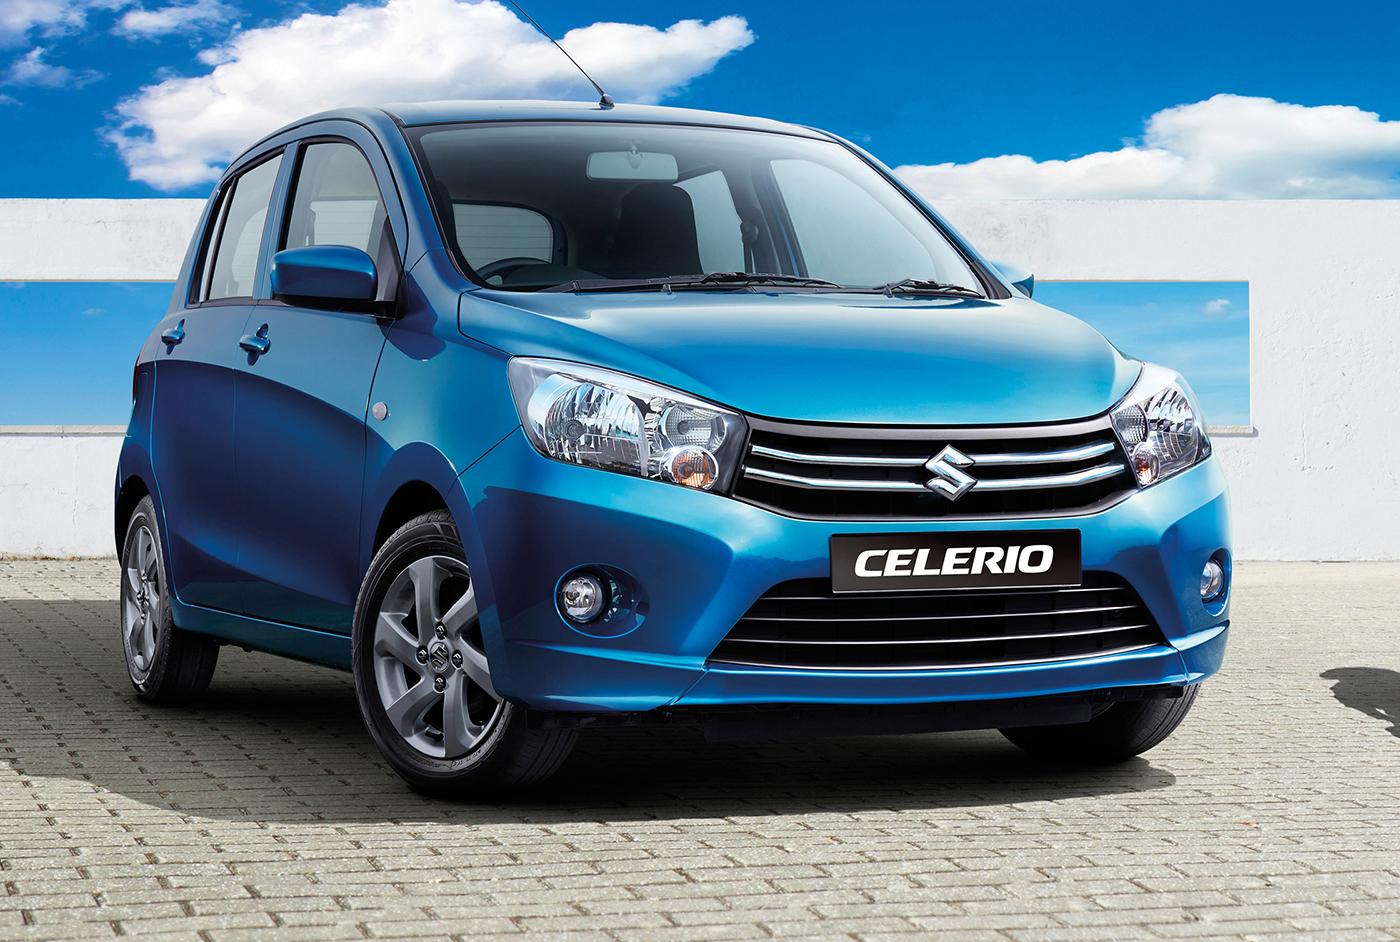 2015 Suzuki Celerio: Price And Features For Australia